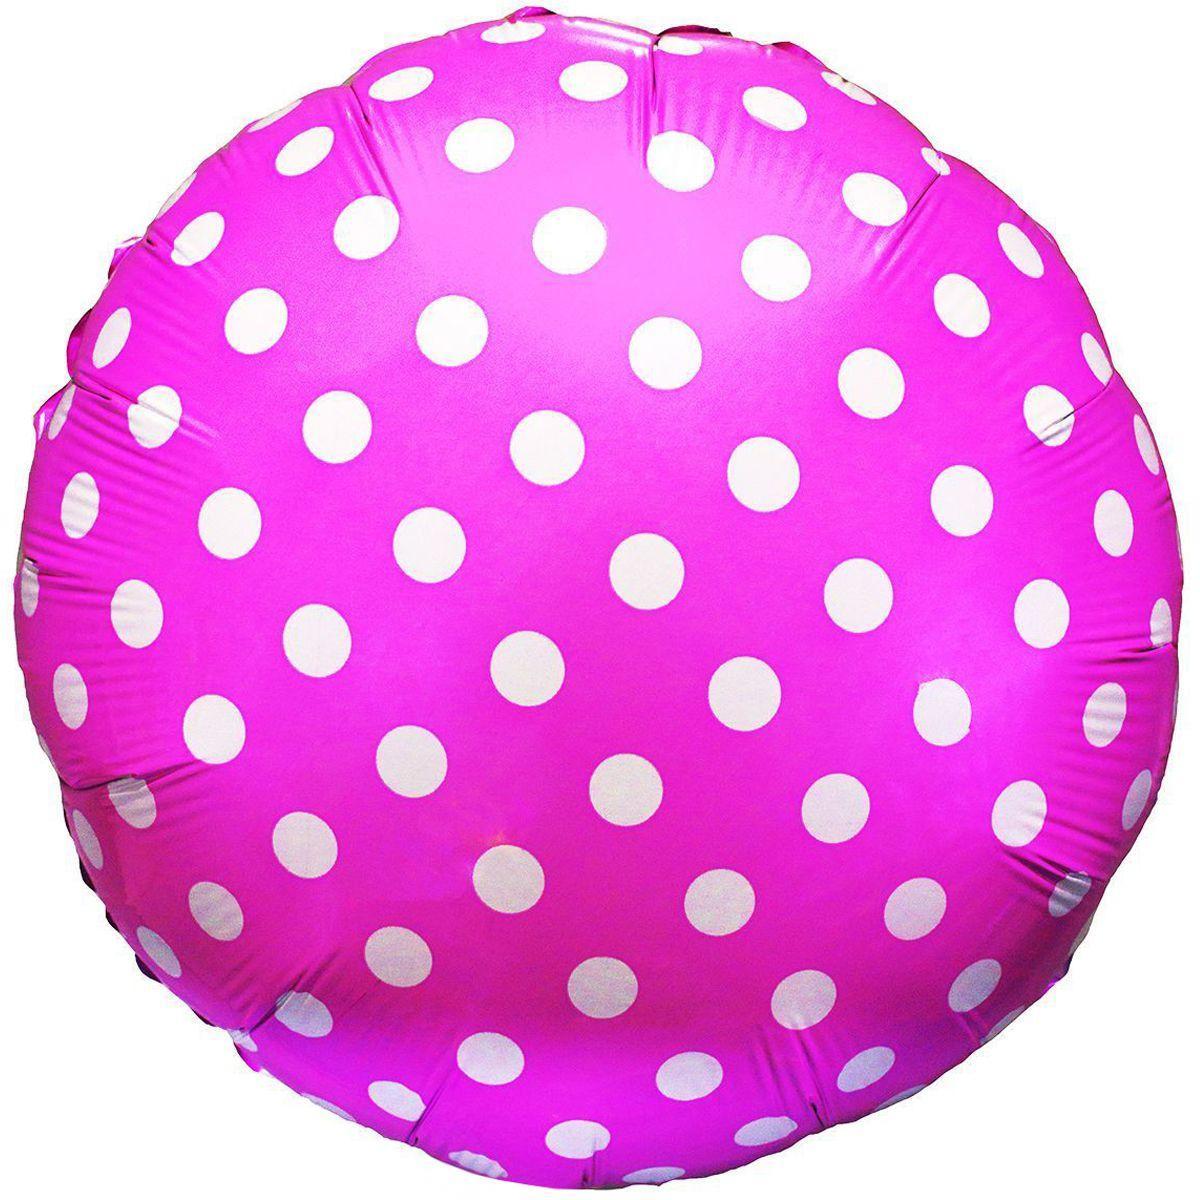 """Кулька 18"""" круг фольгована, рожевий в білий горошок ТМ """"Flexmetal"""" однотонний шт."""